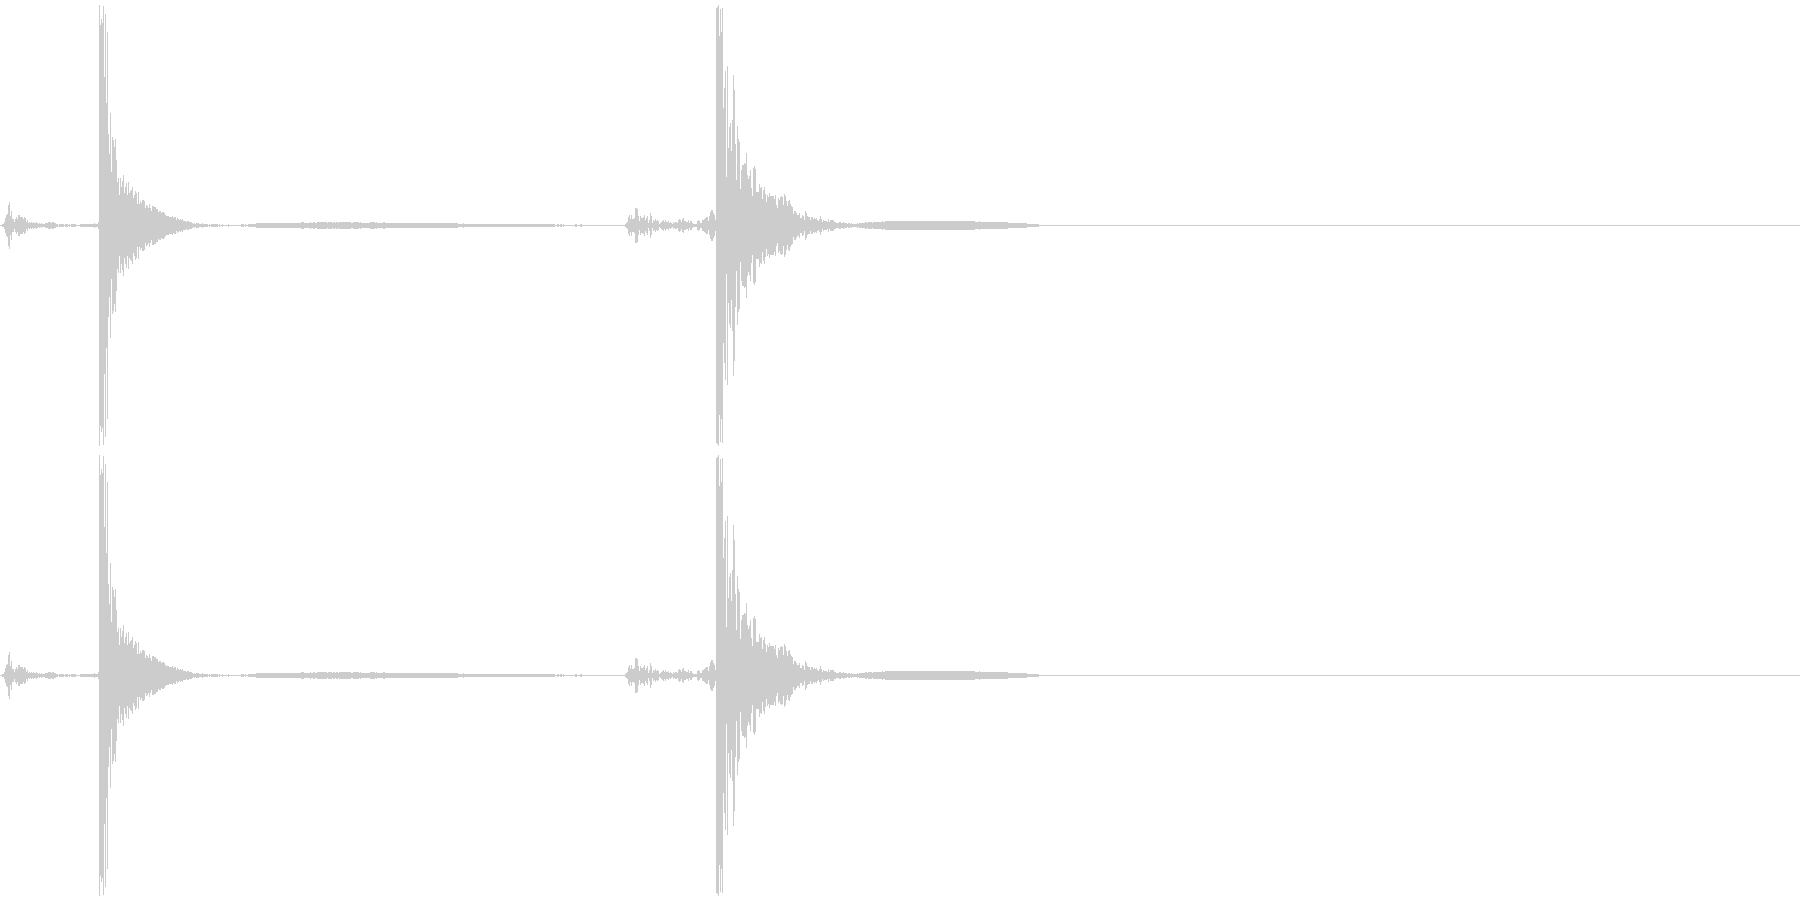 包丁で食材を切る音(二回)の未再生の波形